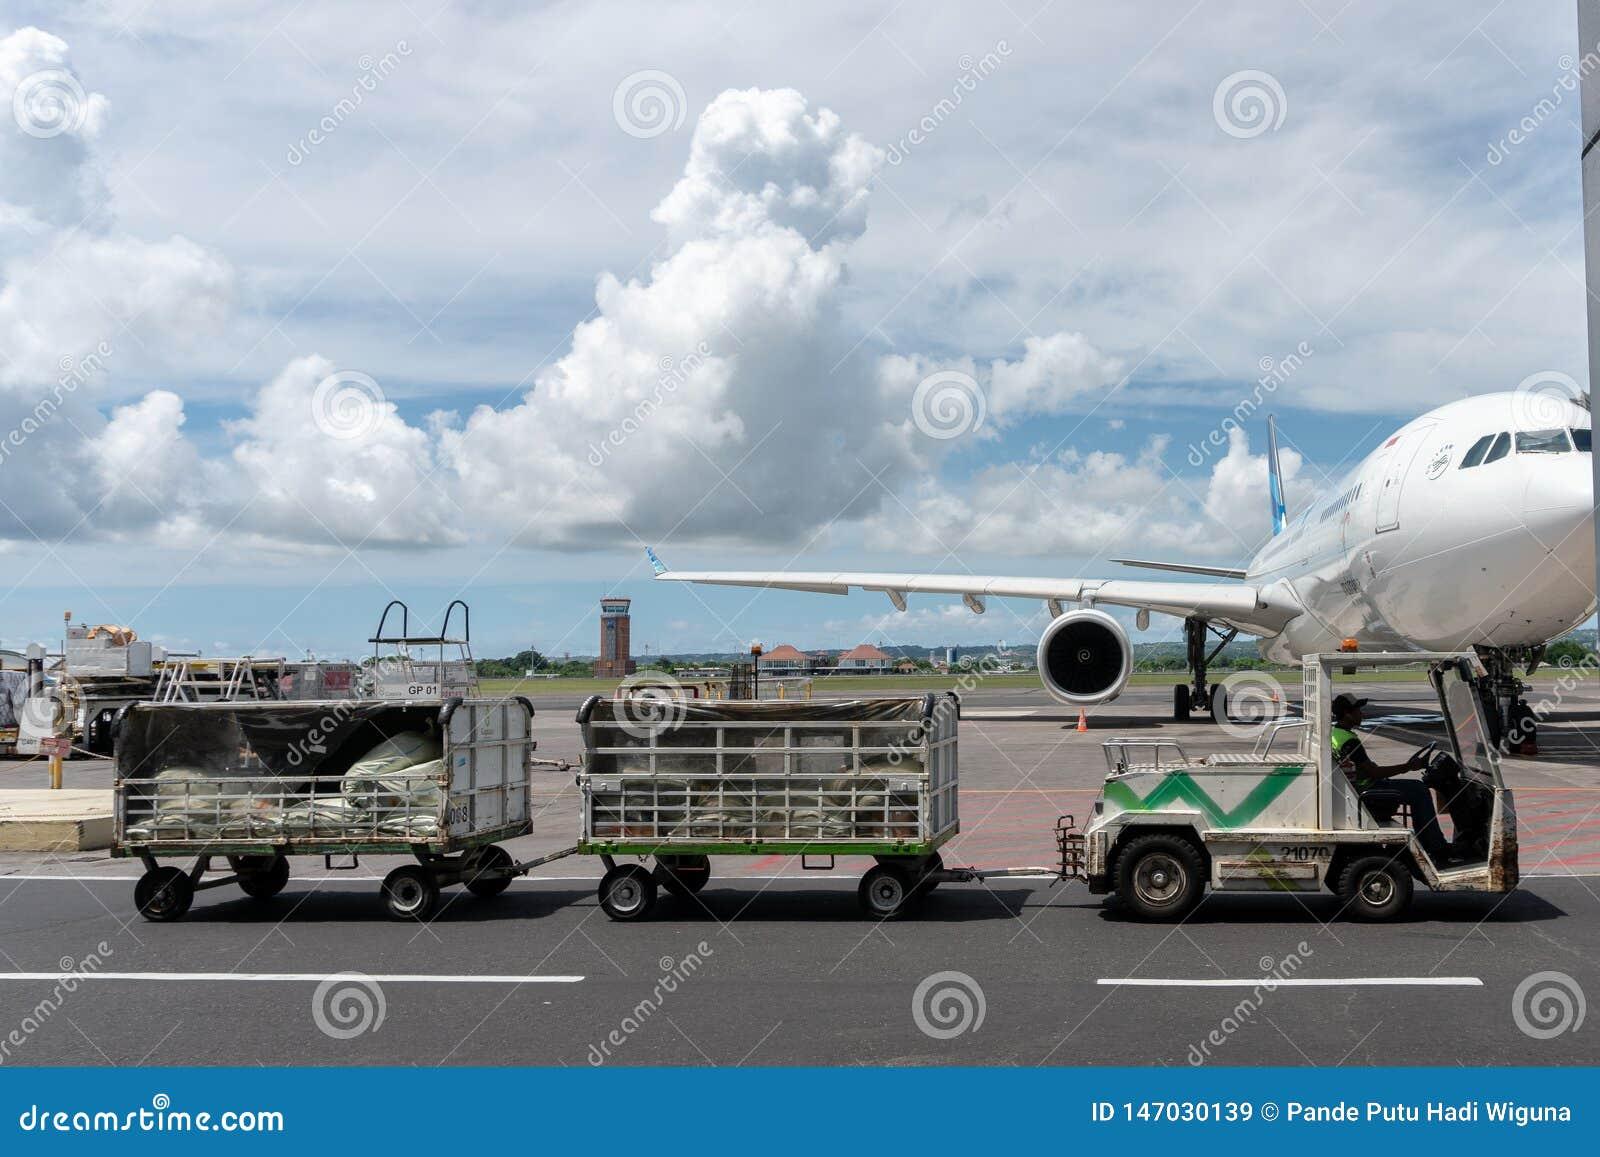 BALI/INDONESIA-MARCH 27 2019: Lotniskowi pojazdy ciągną pasażerów bagażowych przyjazdowy śmiertelnie gdy słoneczny dzień z cumulu